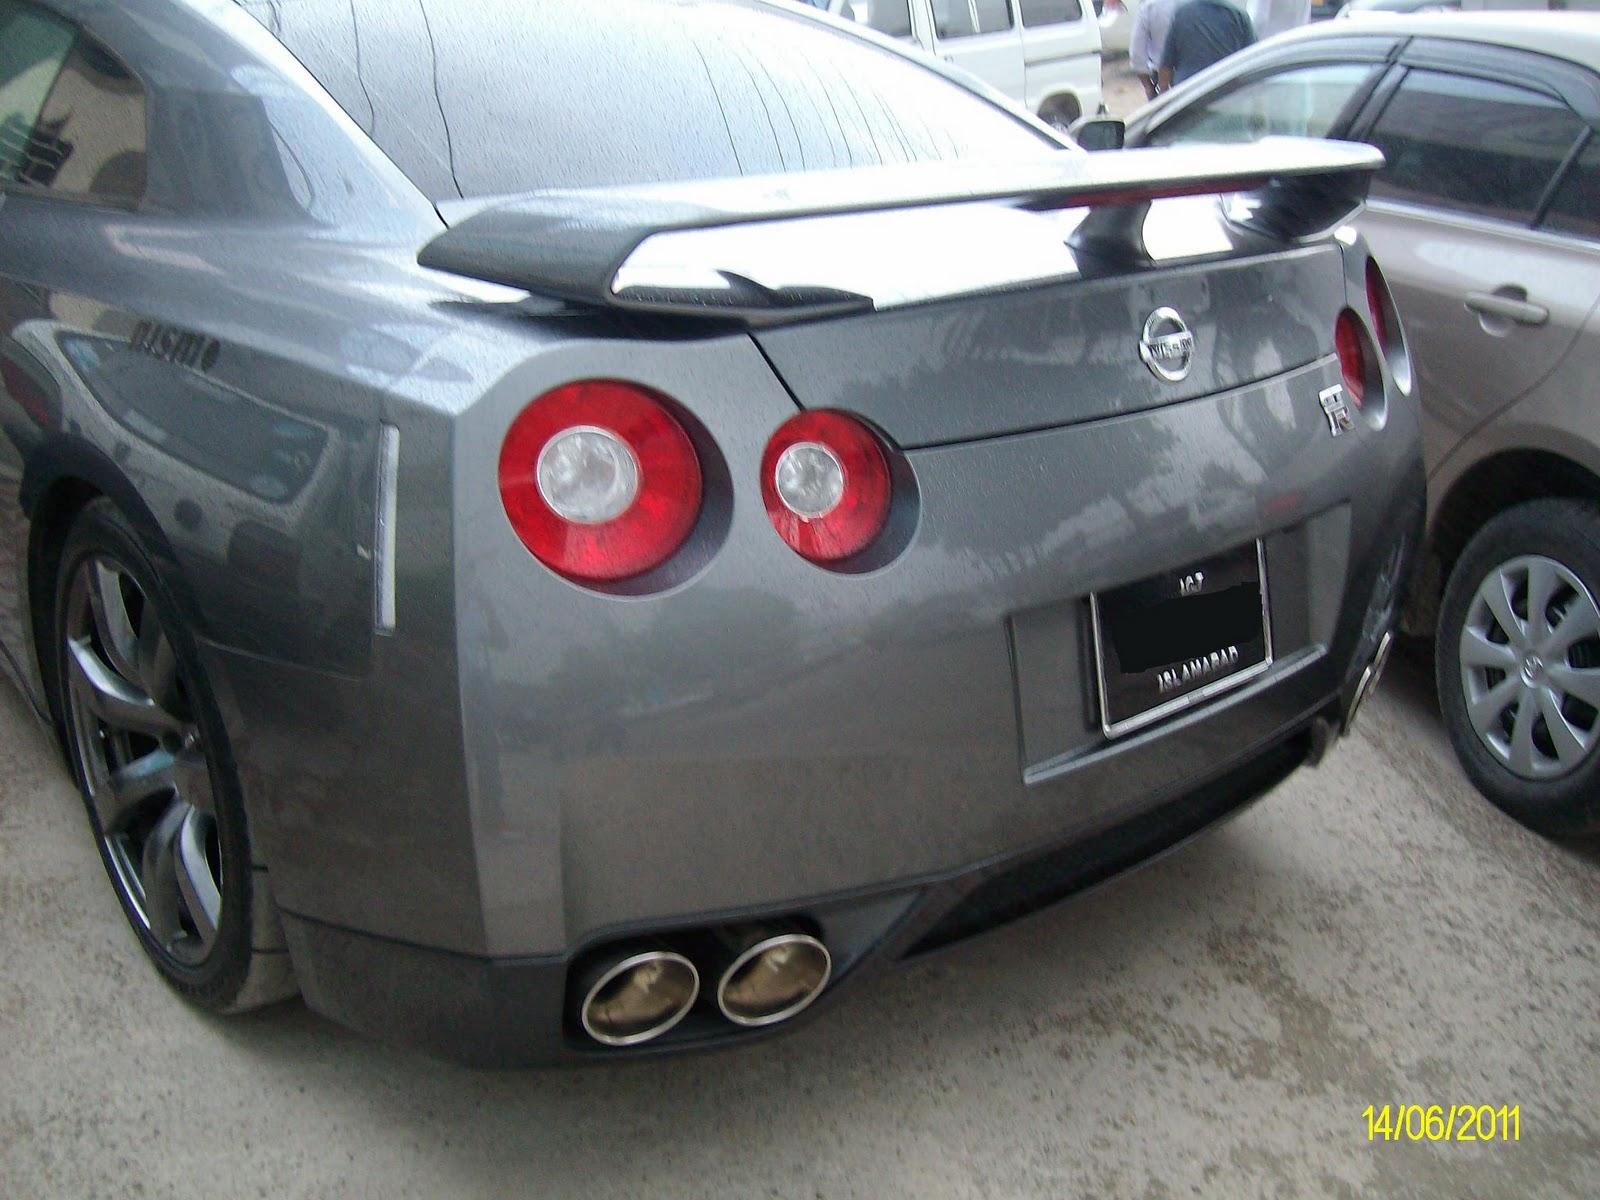 Replica Sports Cars Pakistan Sport Cars